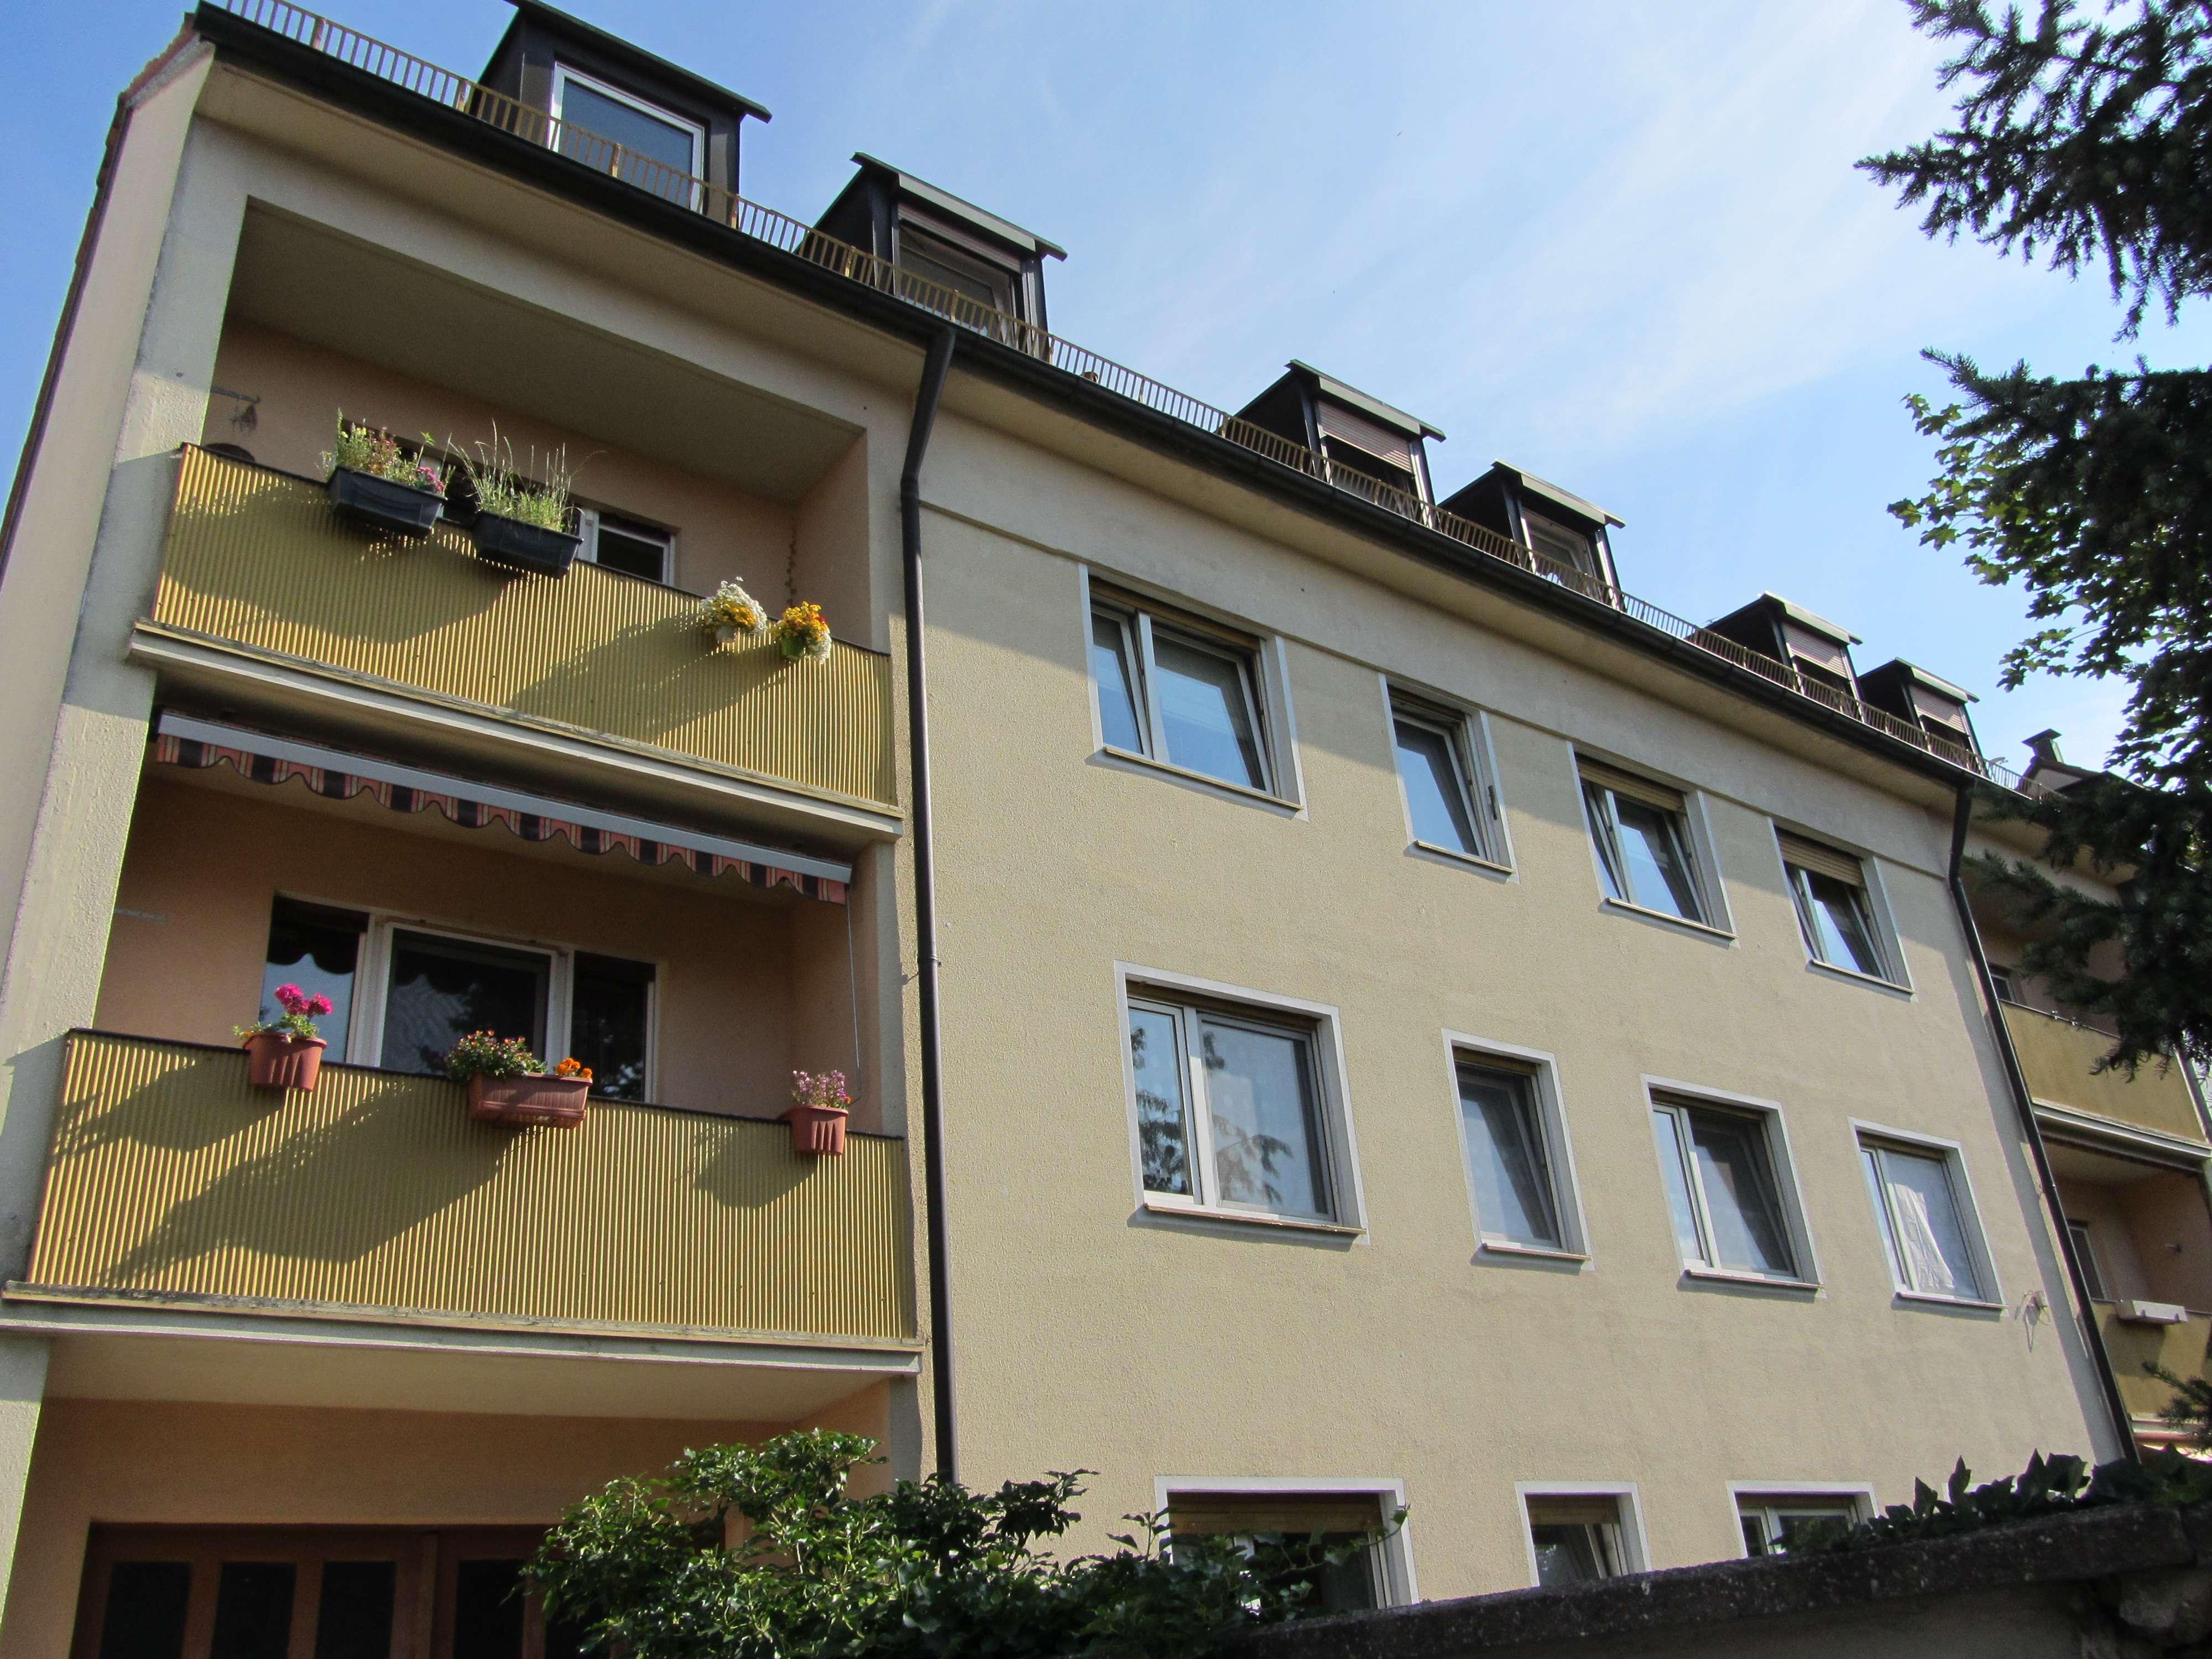 Attraktive 2-Zimmer-Wohnung mit Balkon in Nbg.- Mögeldorf in Mögeldorf (Nürnberg)